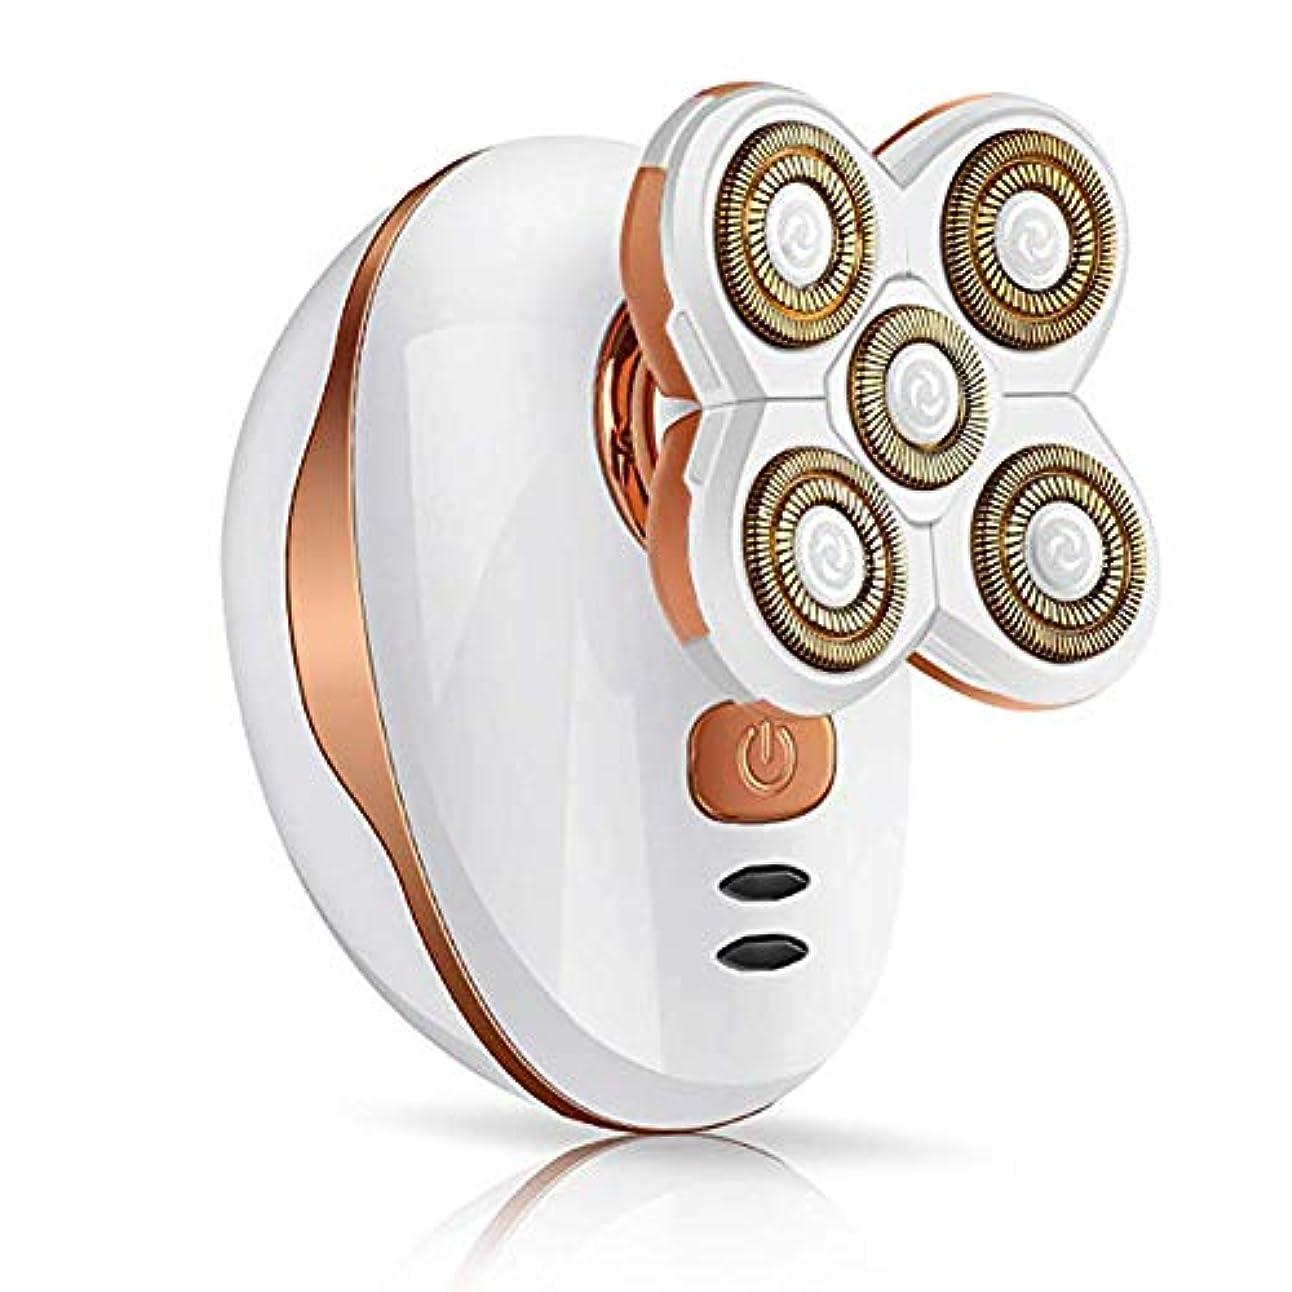 結婚満たす愛ウェットドライ電気ロータリーシェーバー、5フローティングヘッド付きコードレス防水カミソリヘッドシェーバー旅行や家庭での使用のための高速USB充電セキュリティロックモード